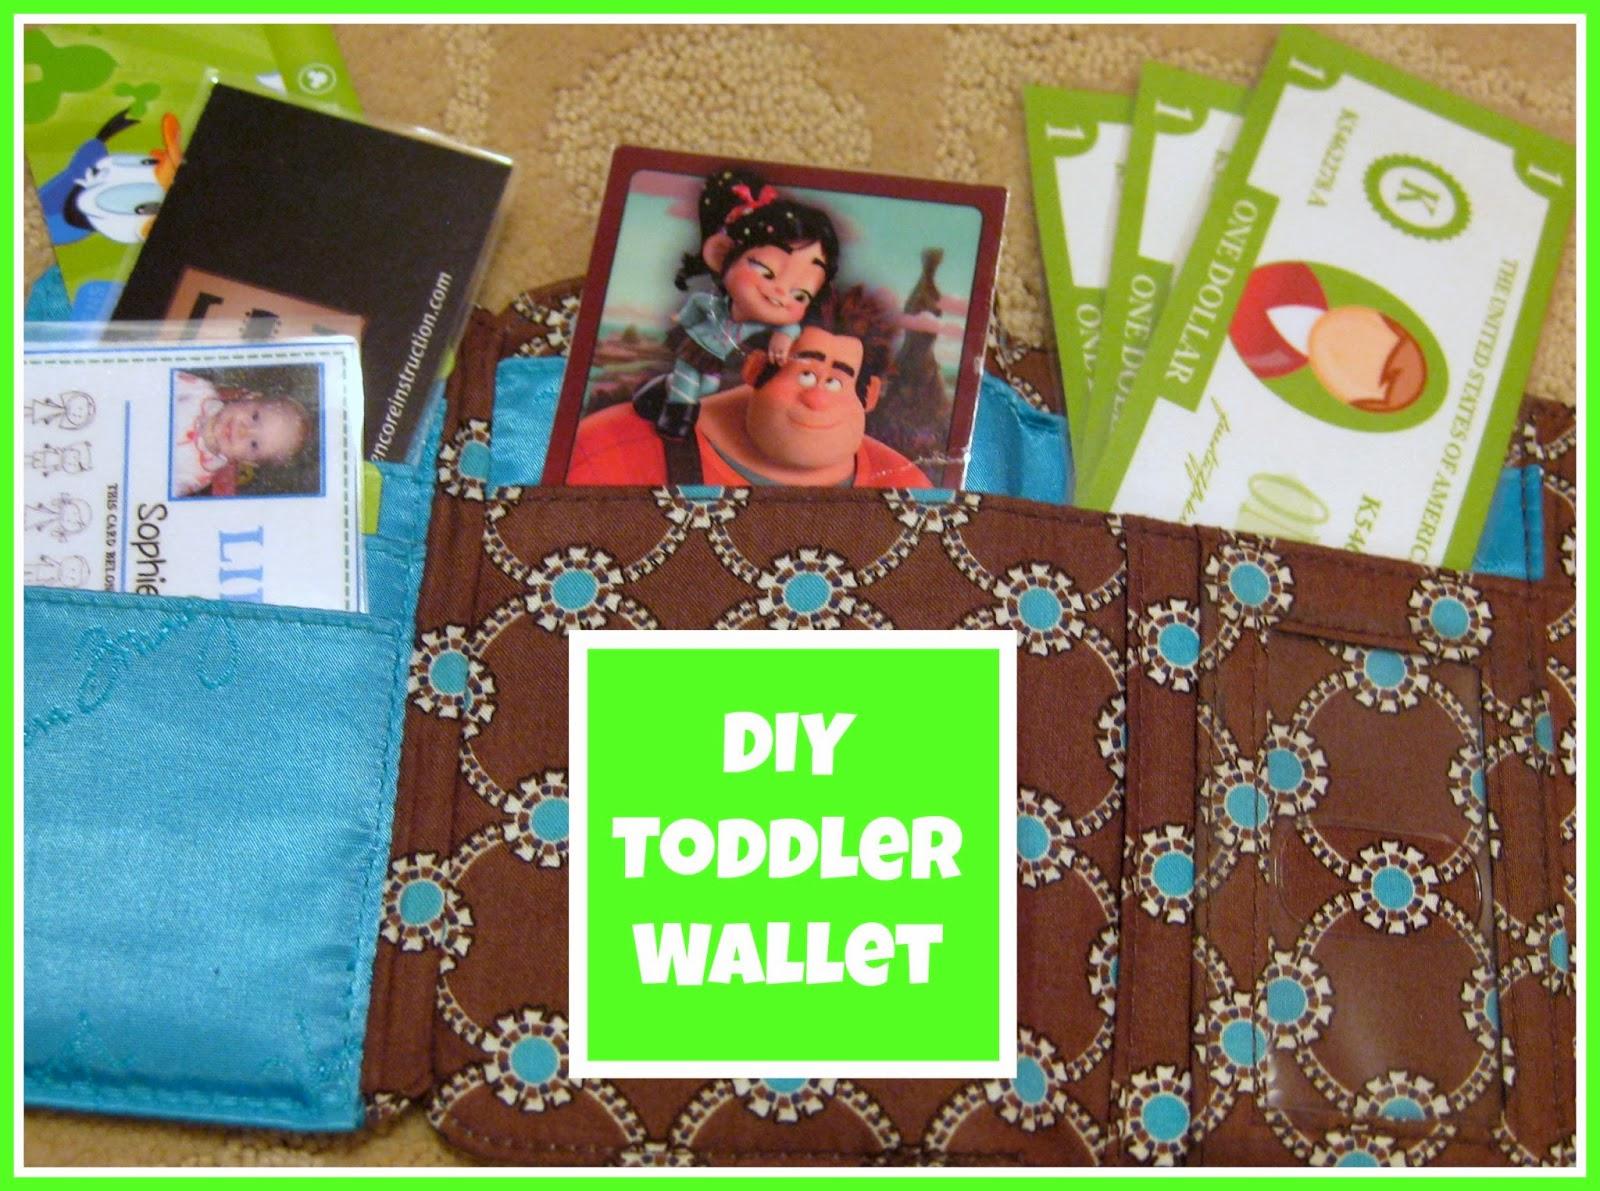 DIY Toddler Wallet